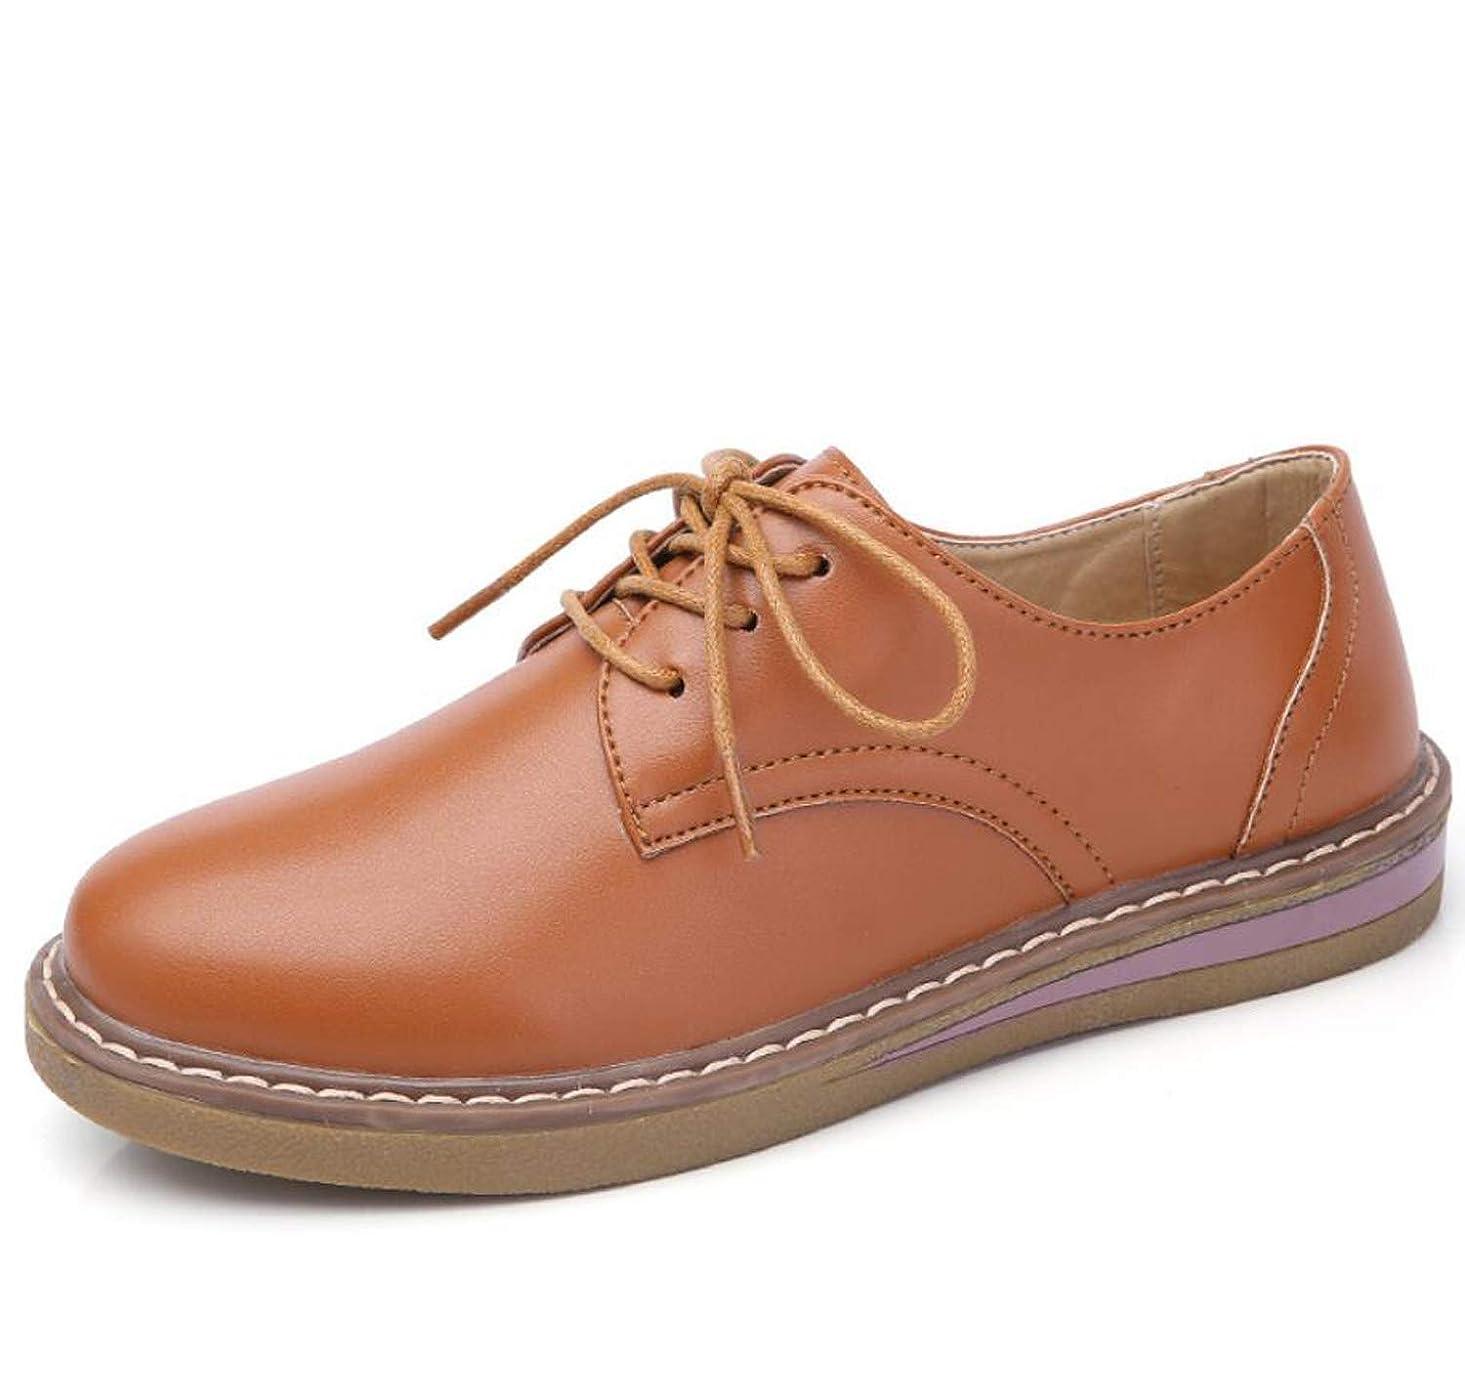 虐待洗練野望女性の靴カジュアルファッションレトロローファー靴フラットヒールオックスフォード靴